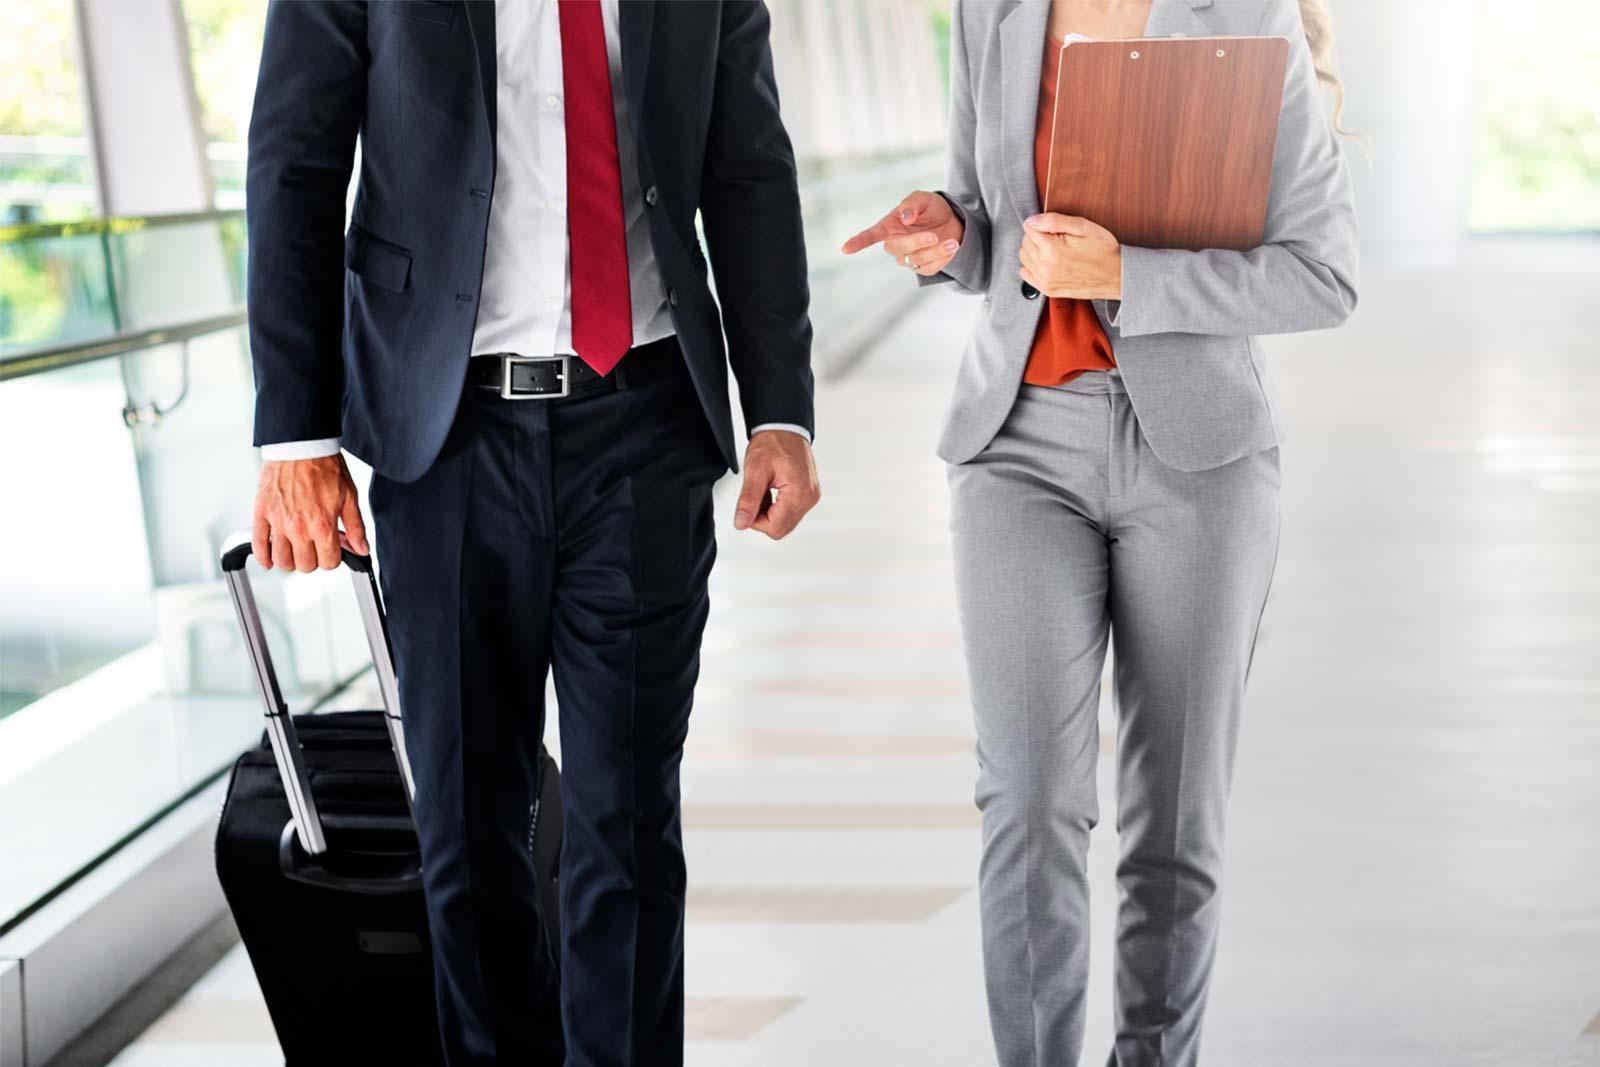 Colegas de trabalho em viagem de negócios no aeroporto